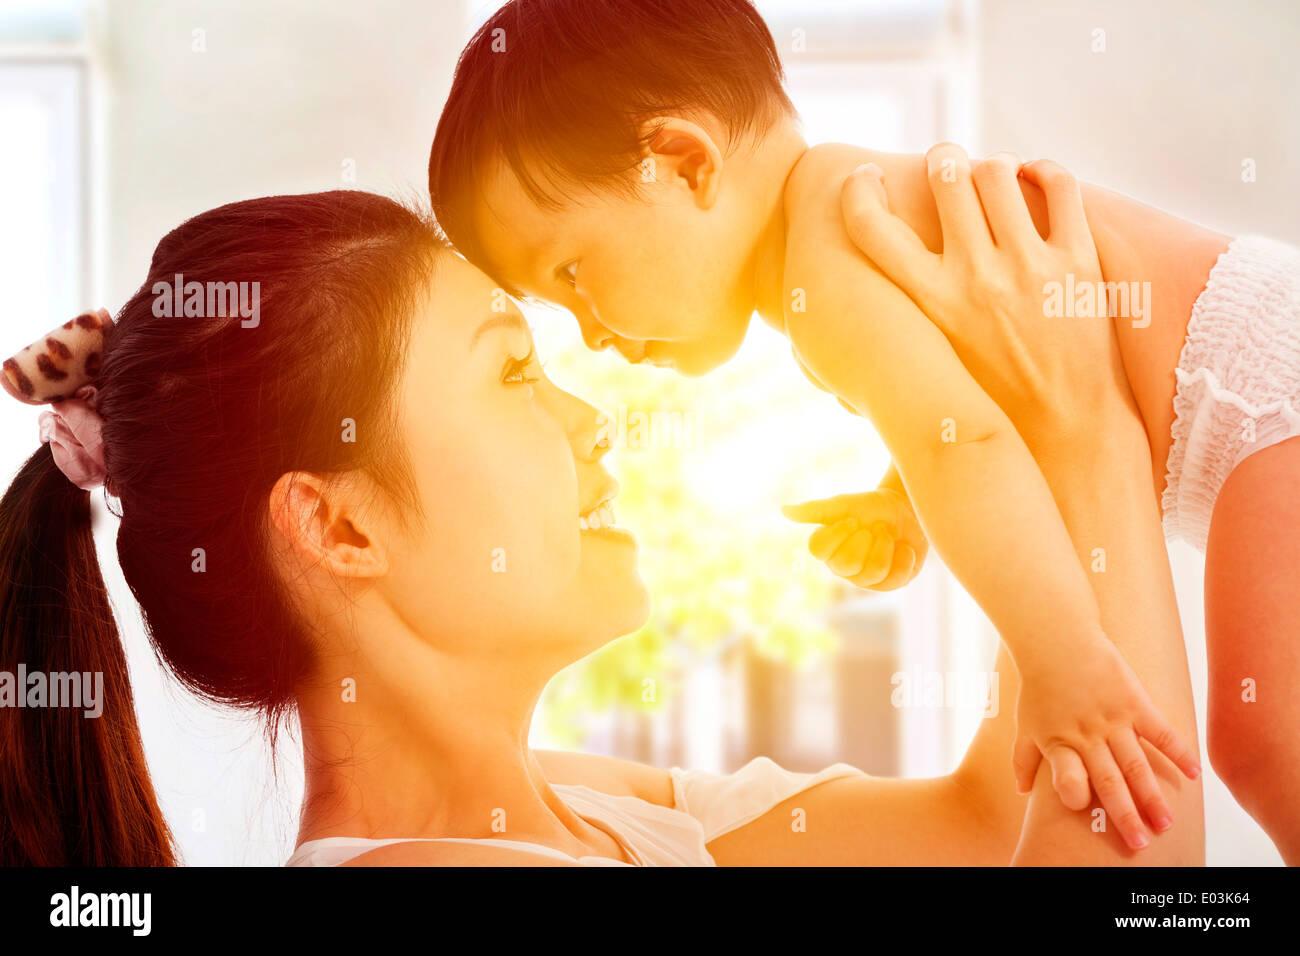 Glückliche Mutter Holding entzückenden Kind Baby mit Sonnenaufgang Hintergrund Stockfoto